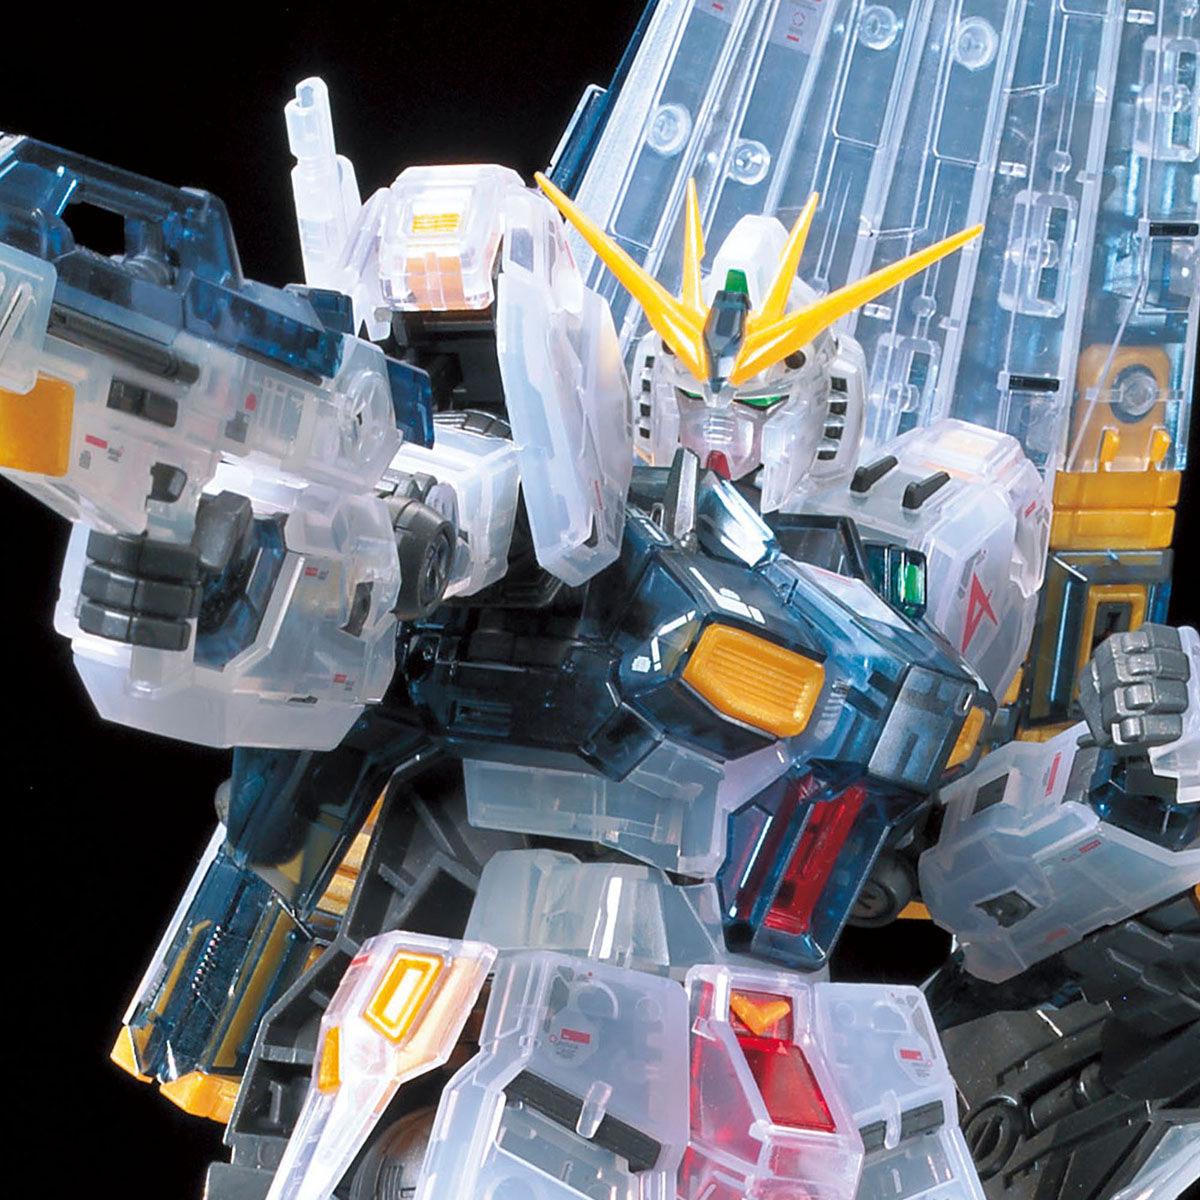 【限定販売】RG 1/144『νガンダム[クリアカラー]初回生産限定パッケージ』逆襲のシャア プラモデル-001